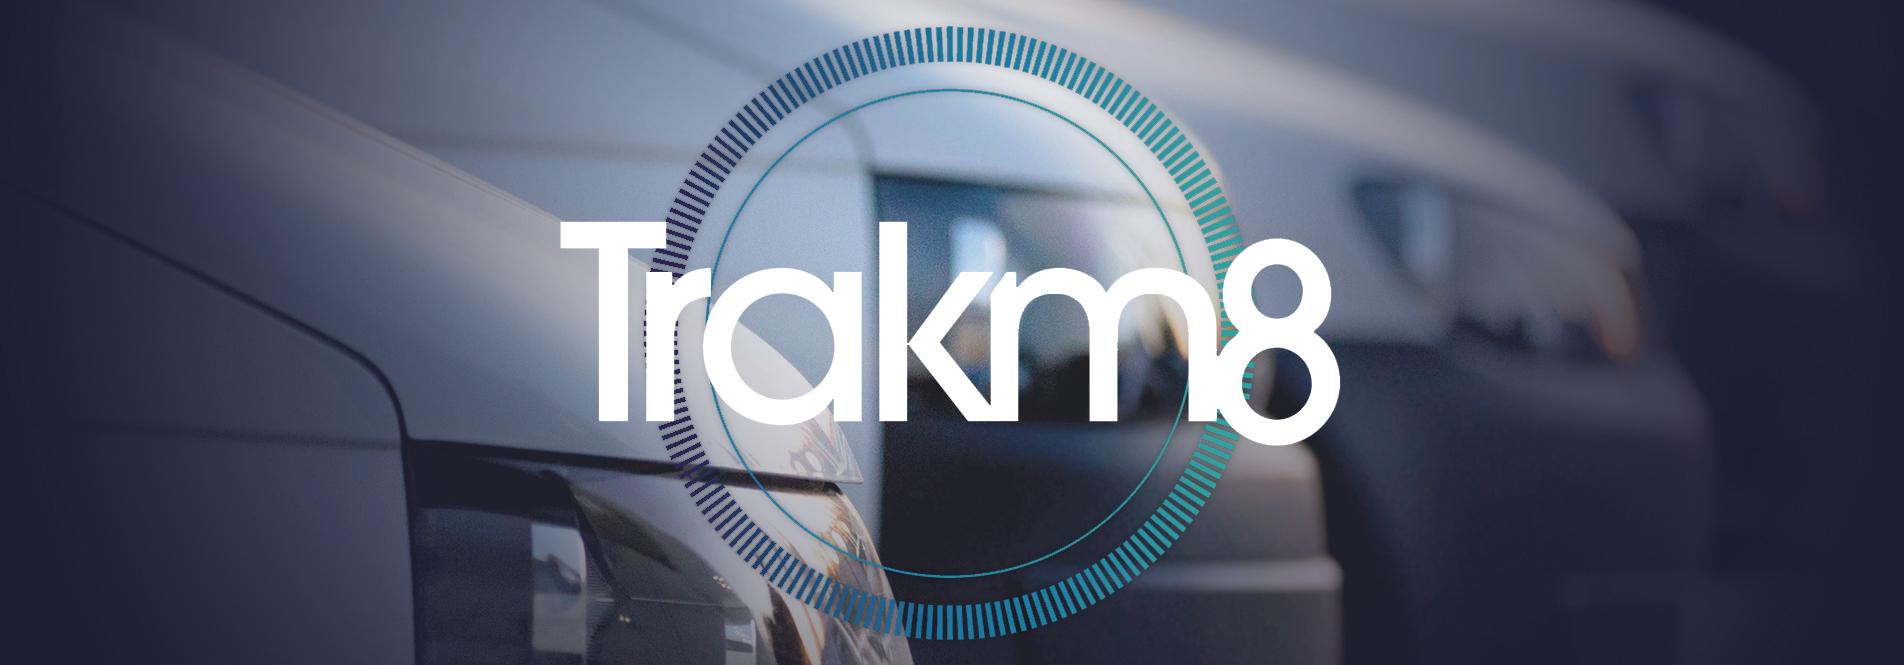 trakm8 header